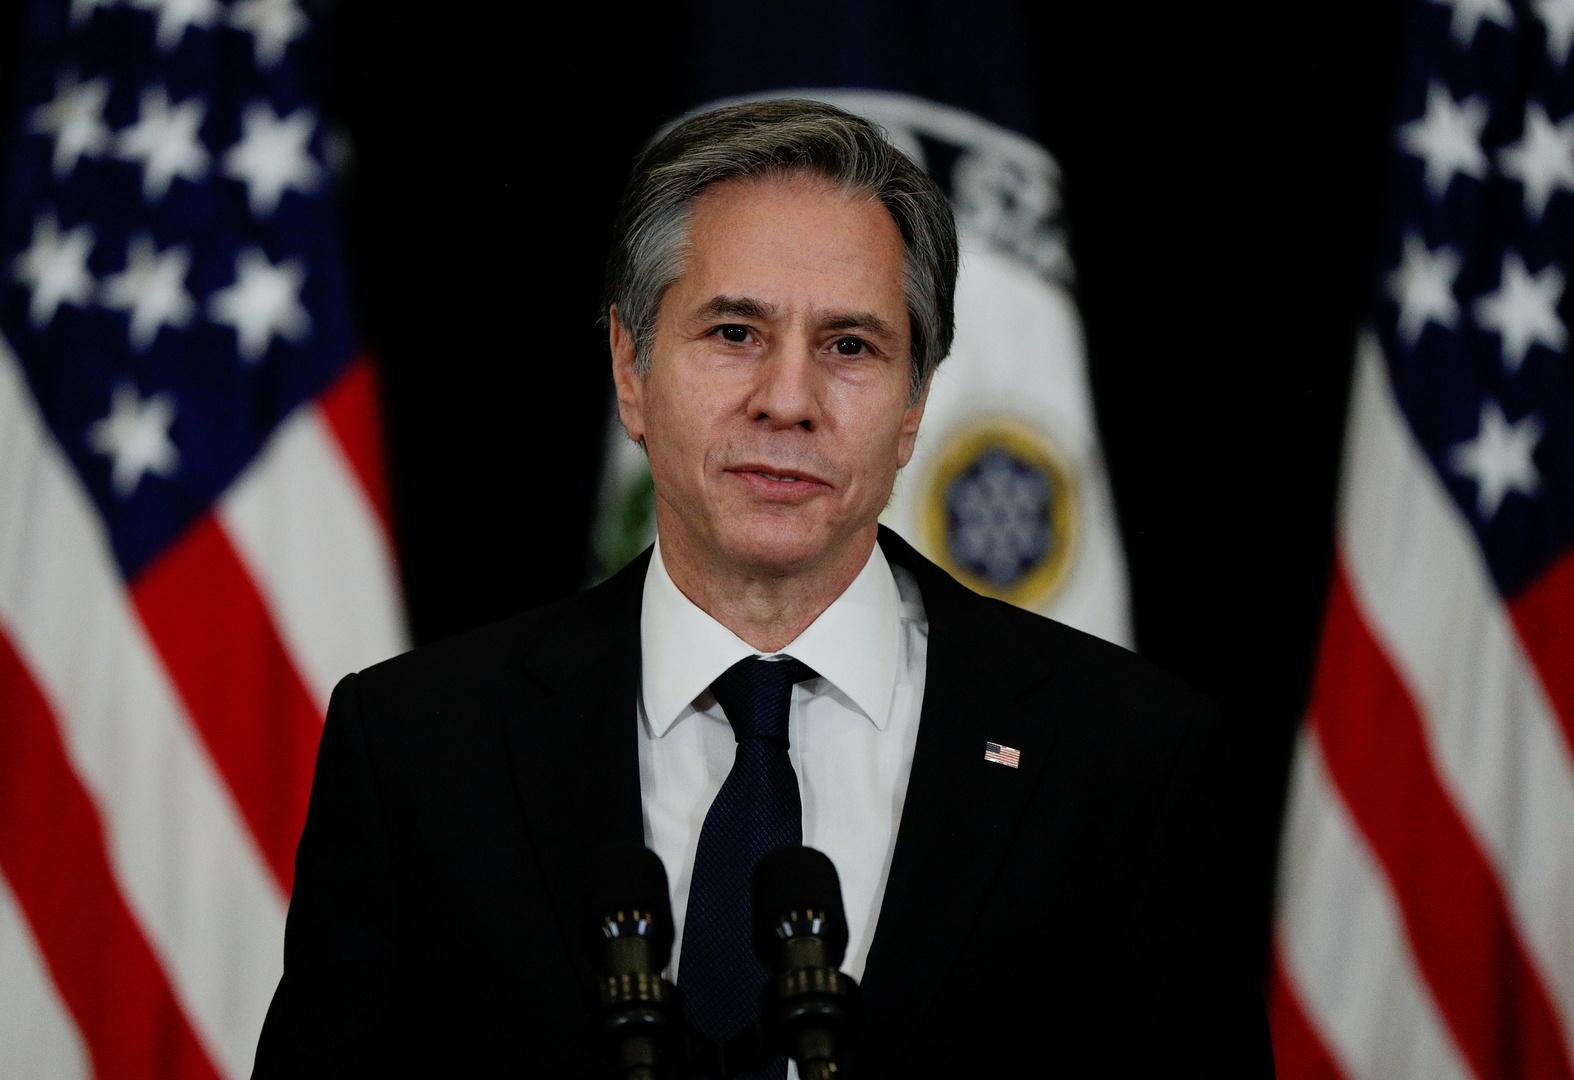 واشنطن: نسعى لإطالة وتعزيز الاتفاق مع إيران بشأن البرنامج النووي